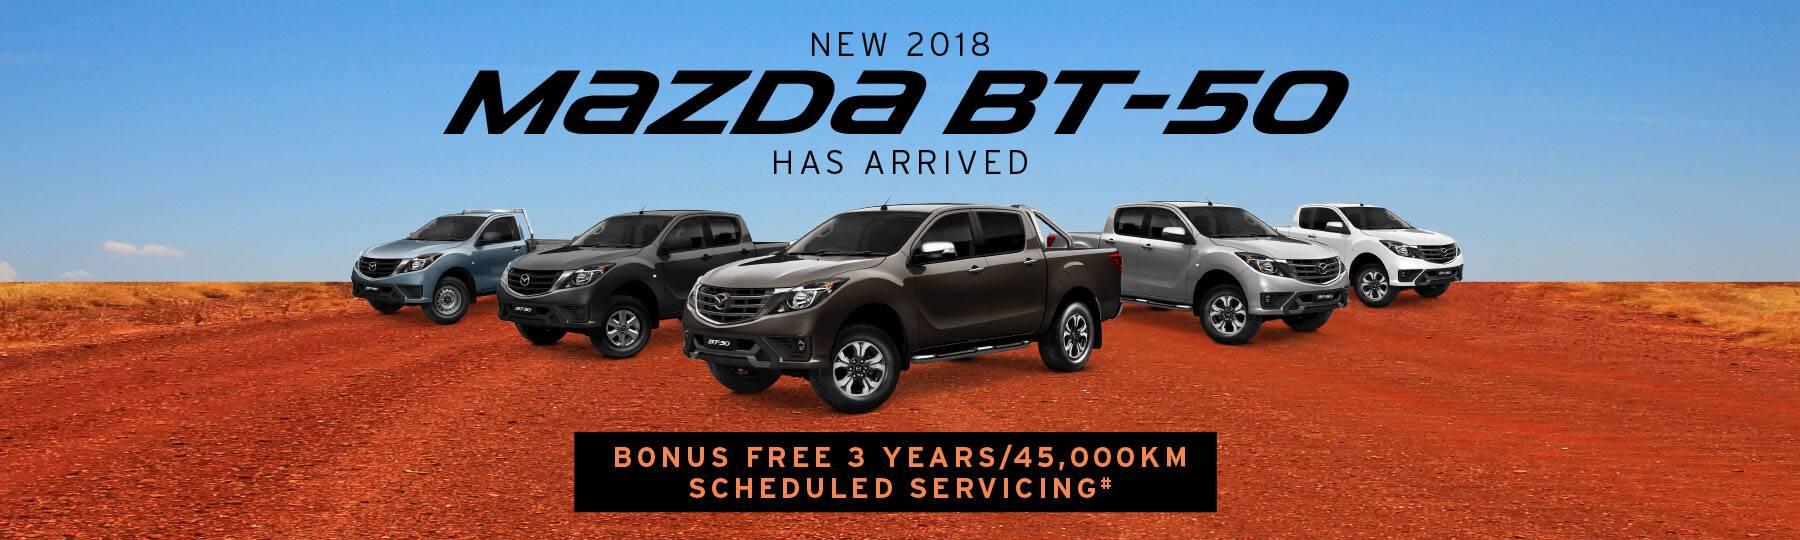 2018 Mazda BT-50